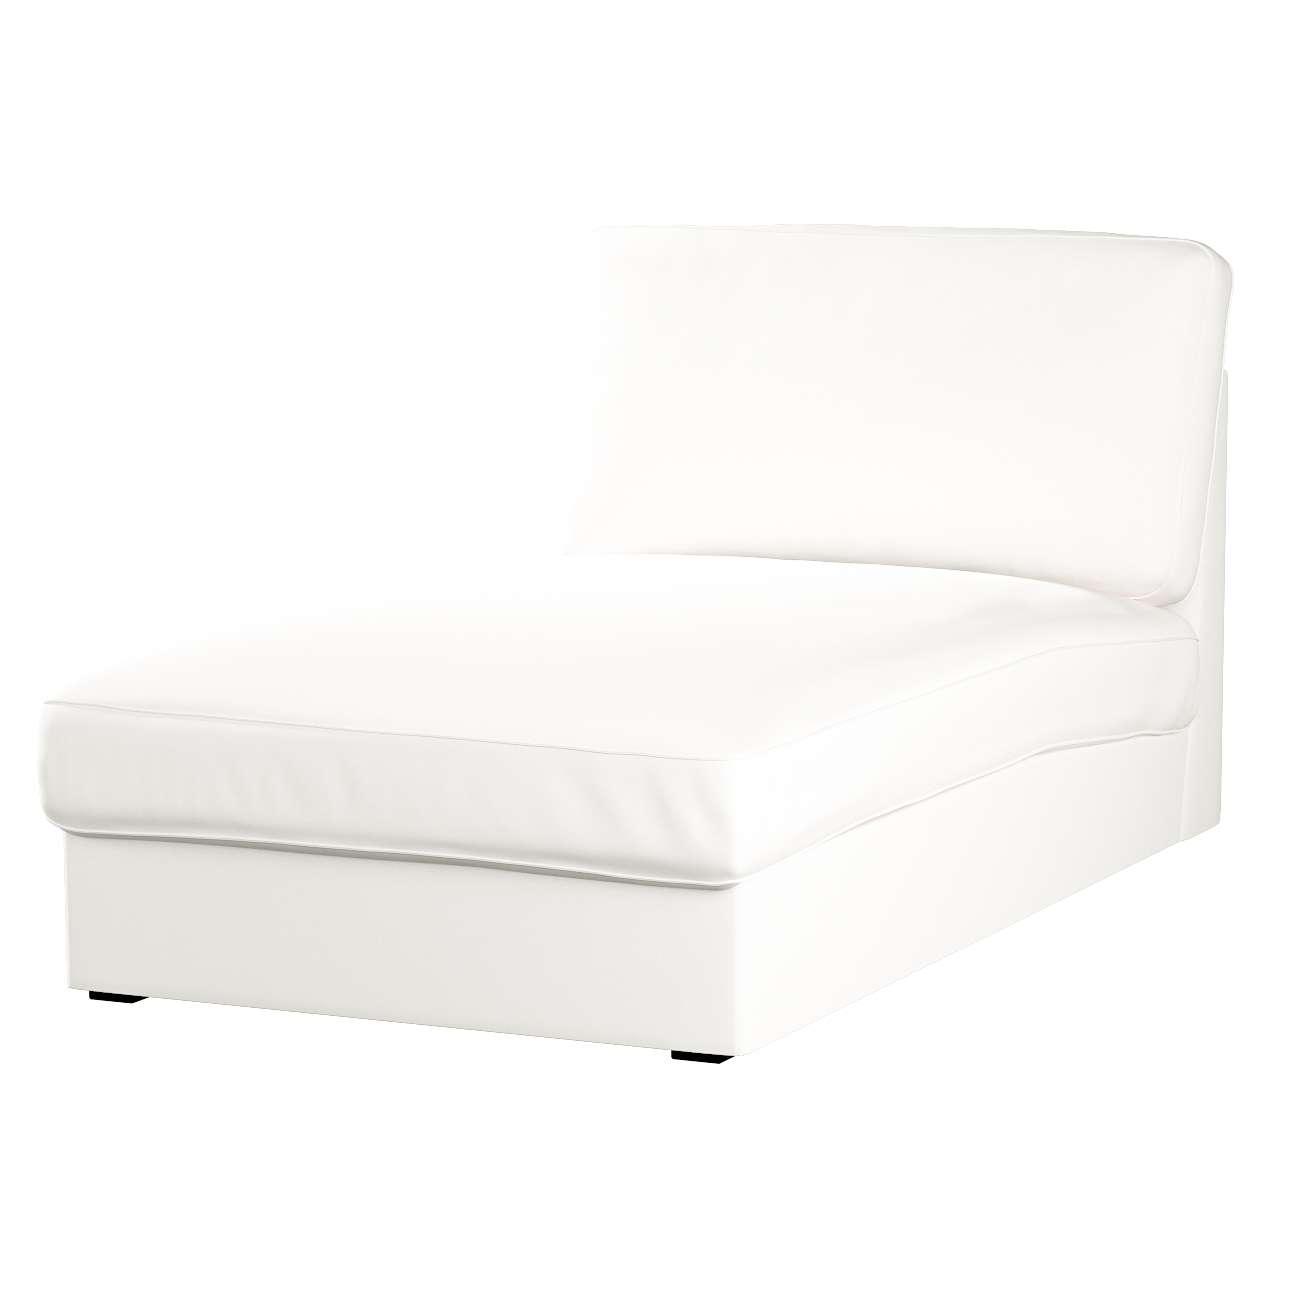 KIVIK gulimojo krėslo užvalkalas kolekcijoje Cotton Panama, audinys: 702-34